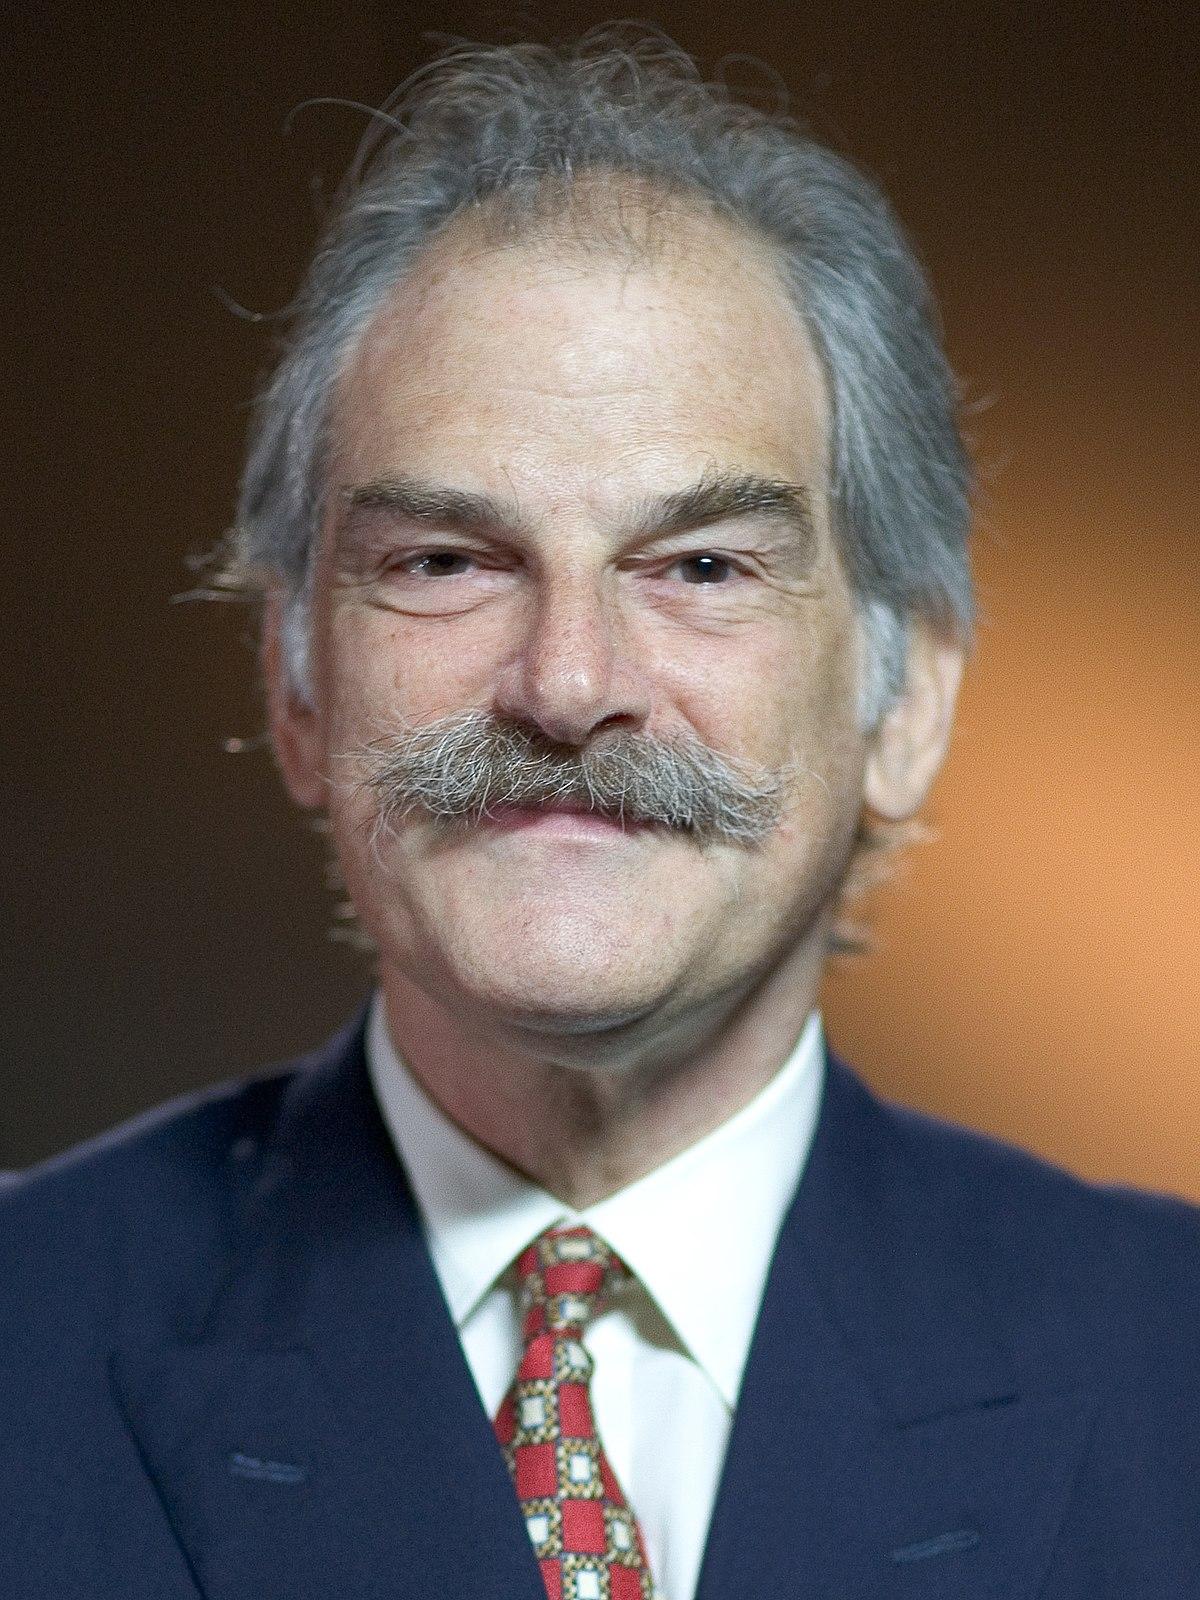 John Lipsky - Wikipedia